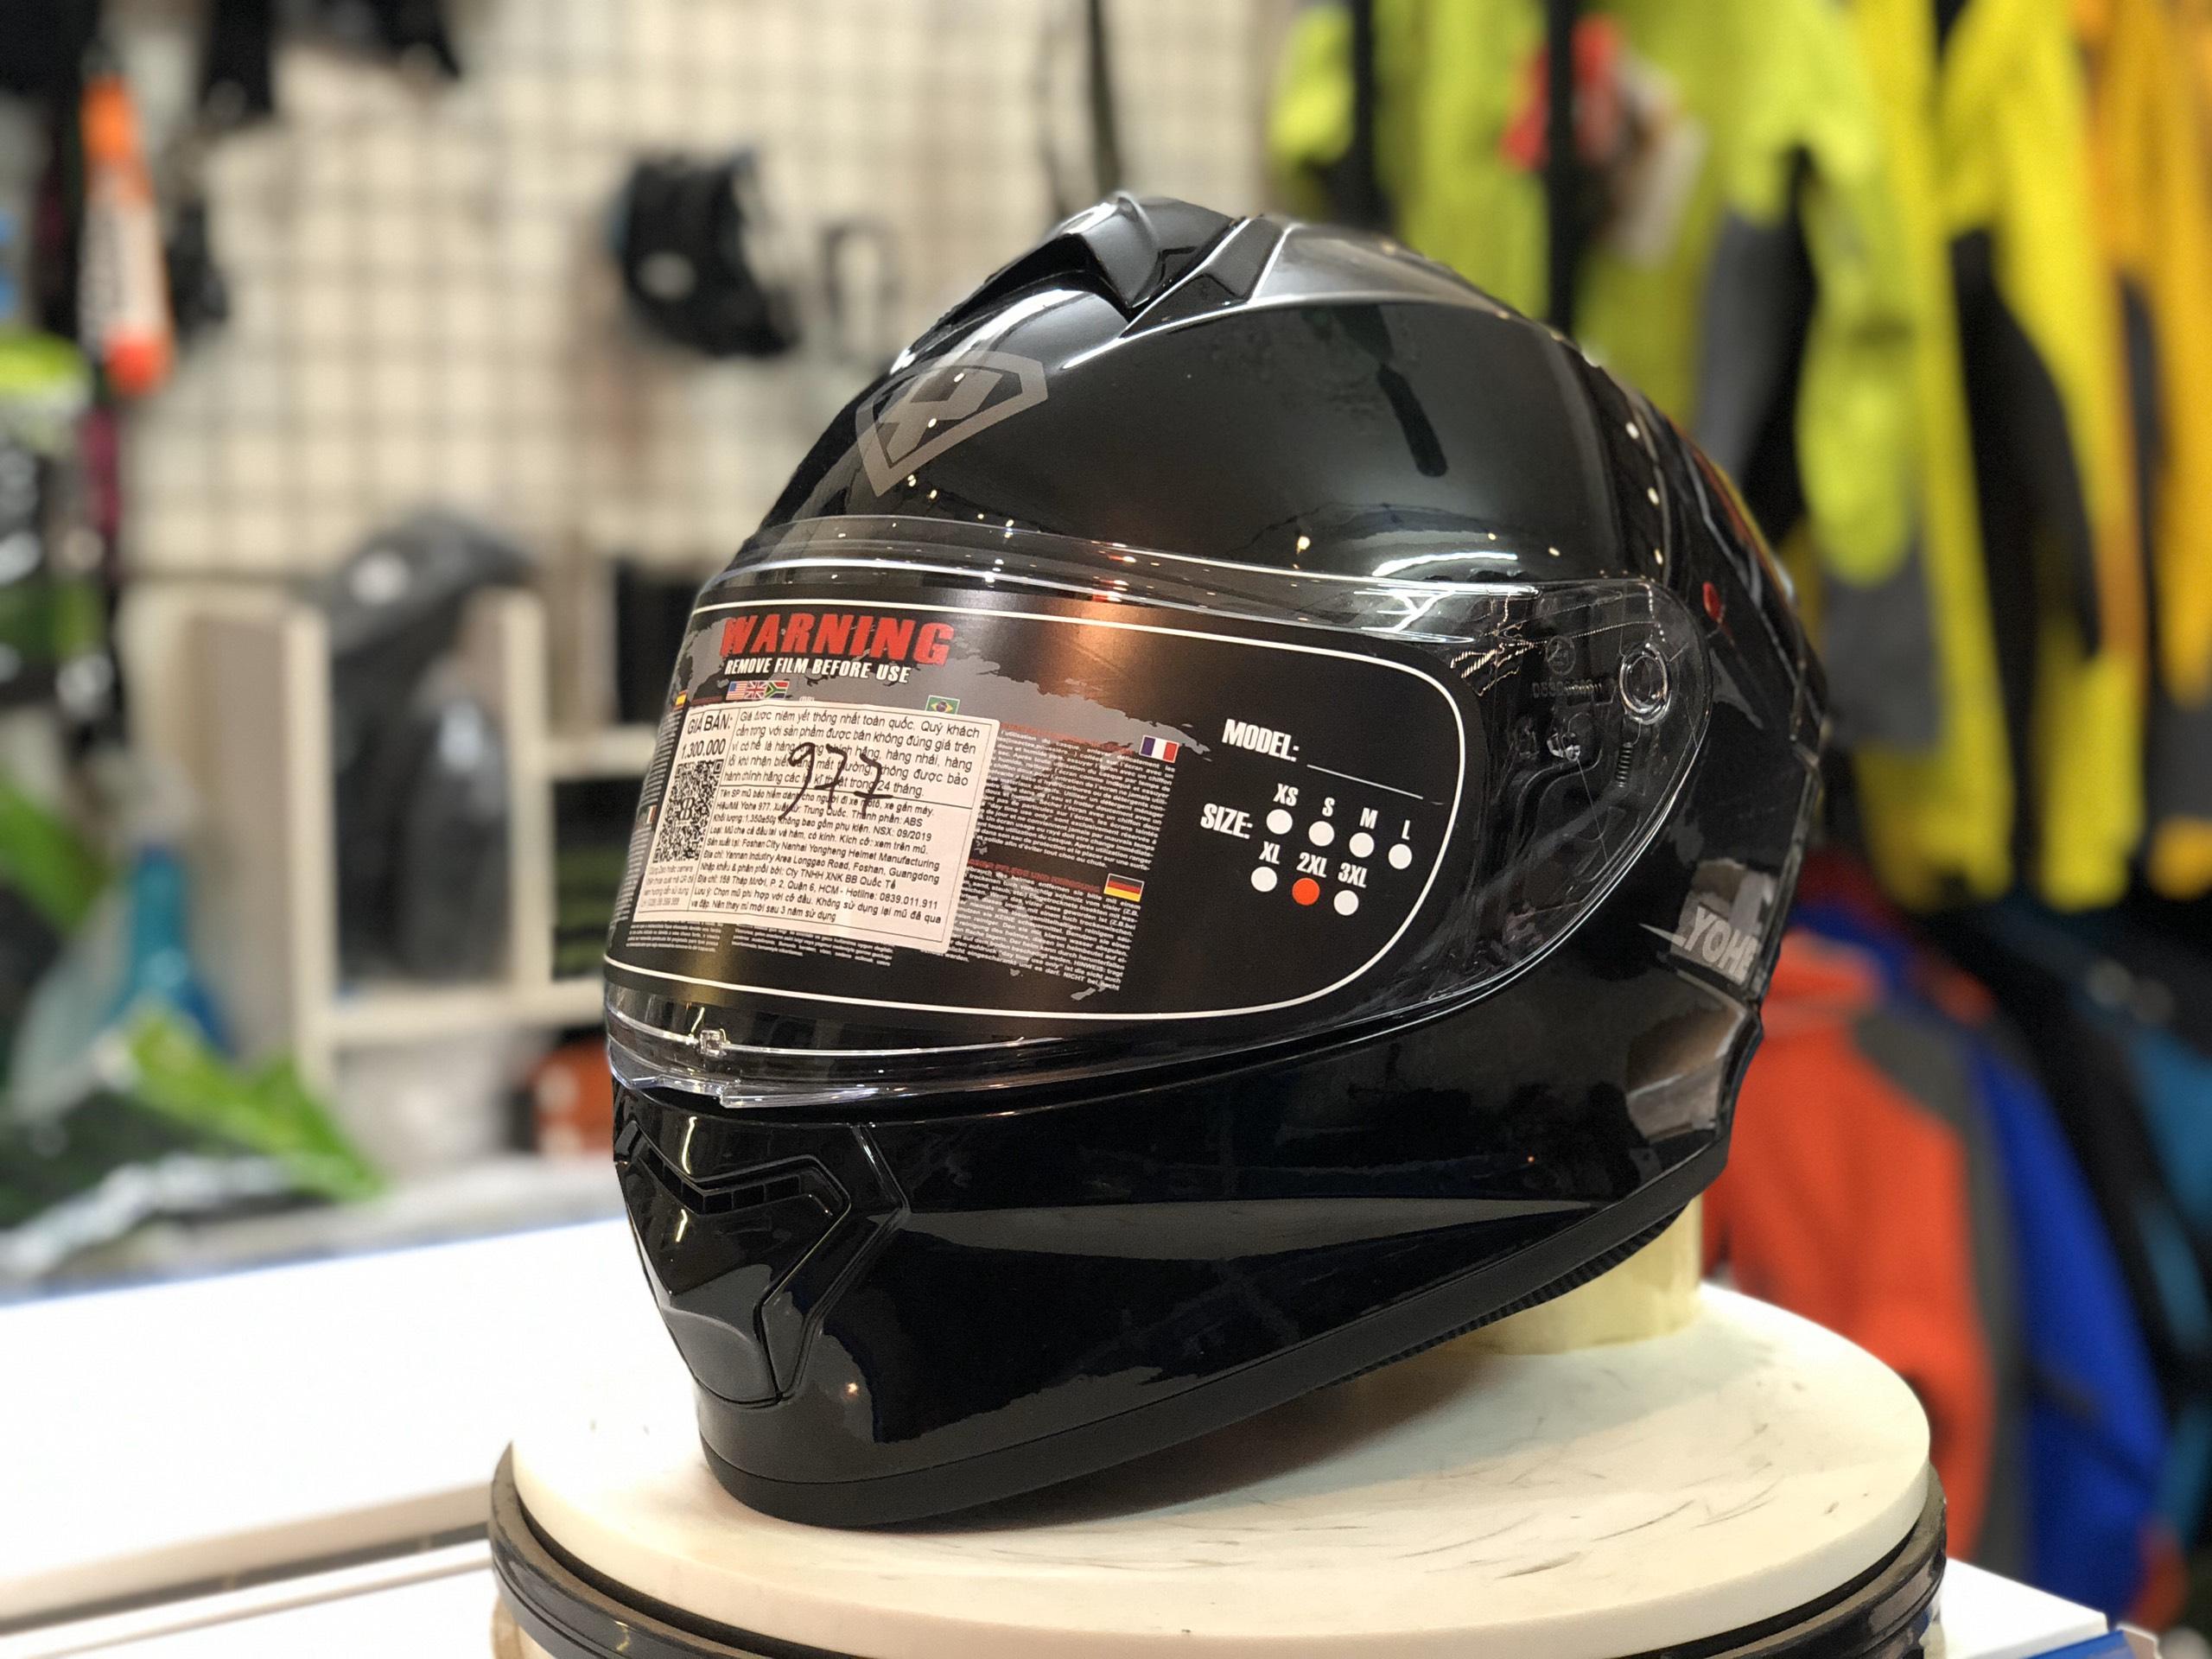 mũ bảo hiểm yohe 977 đen